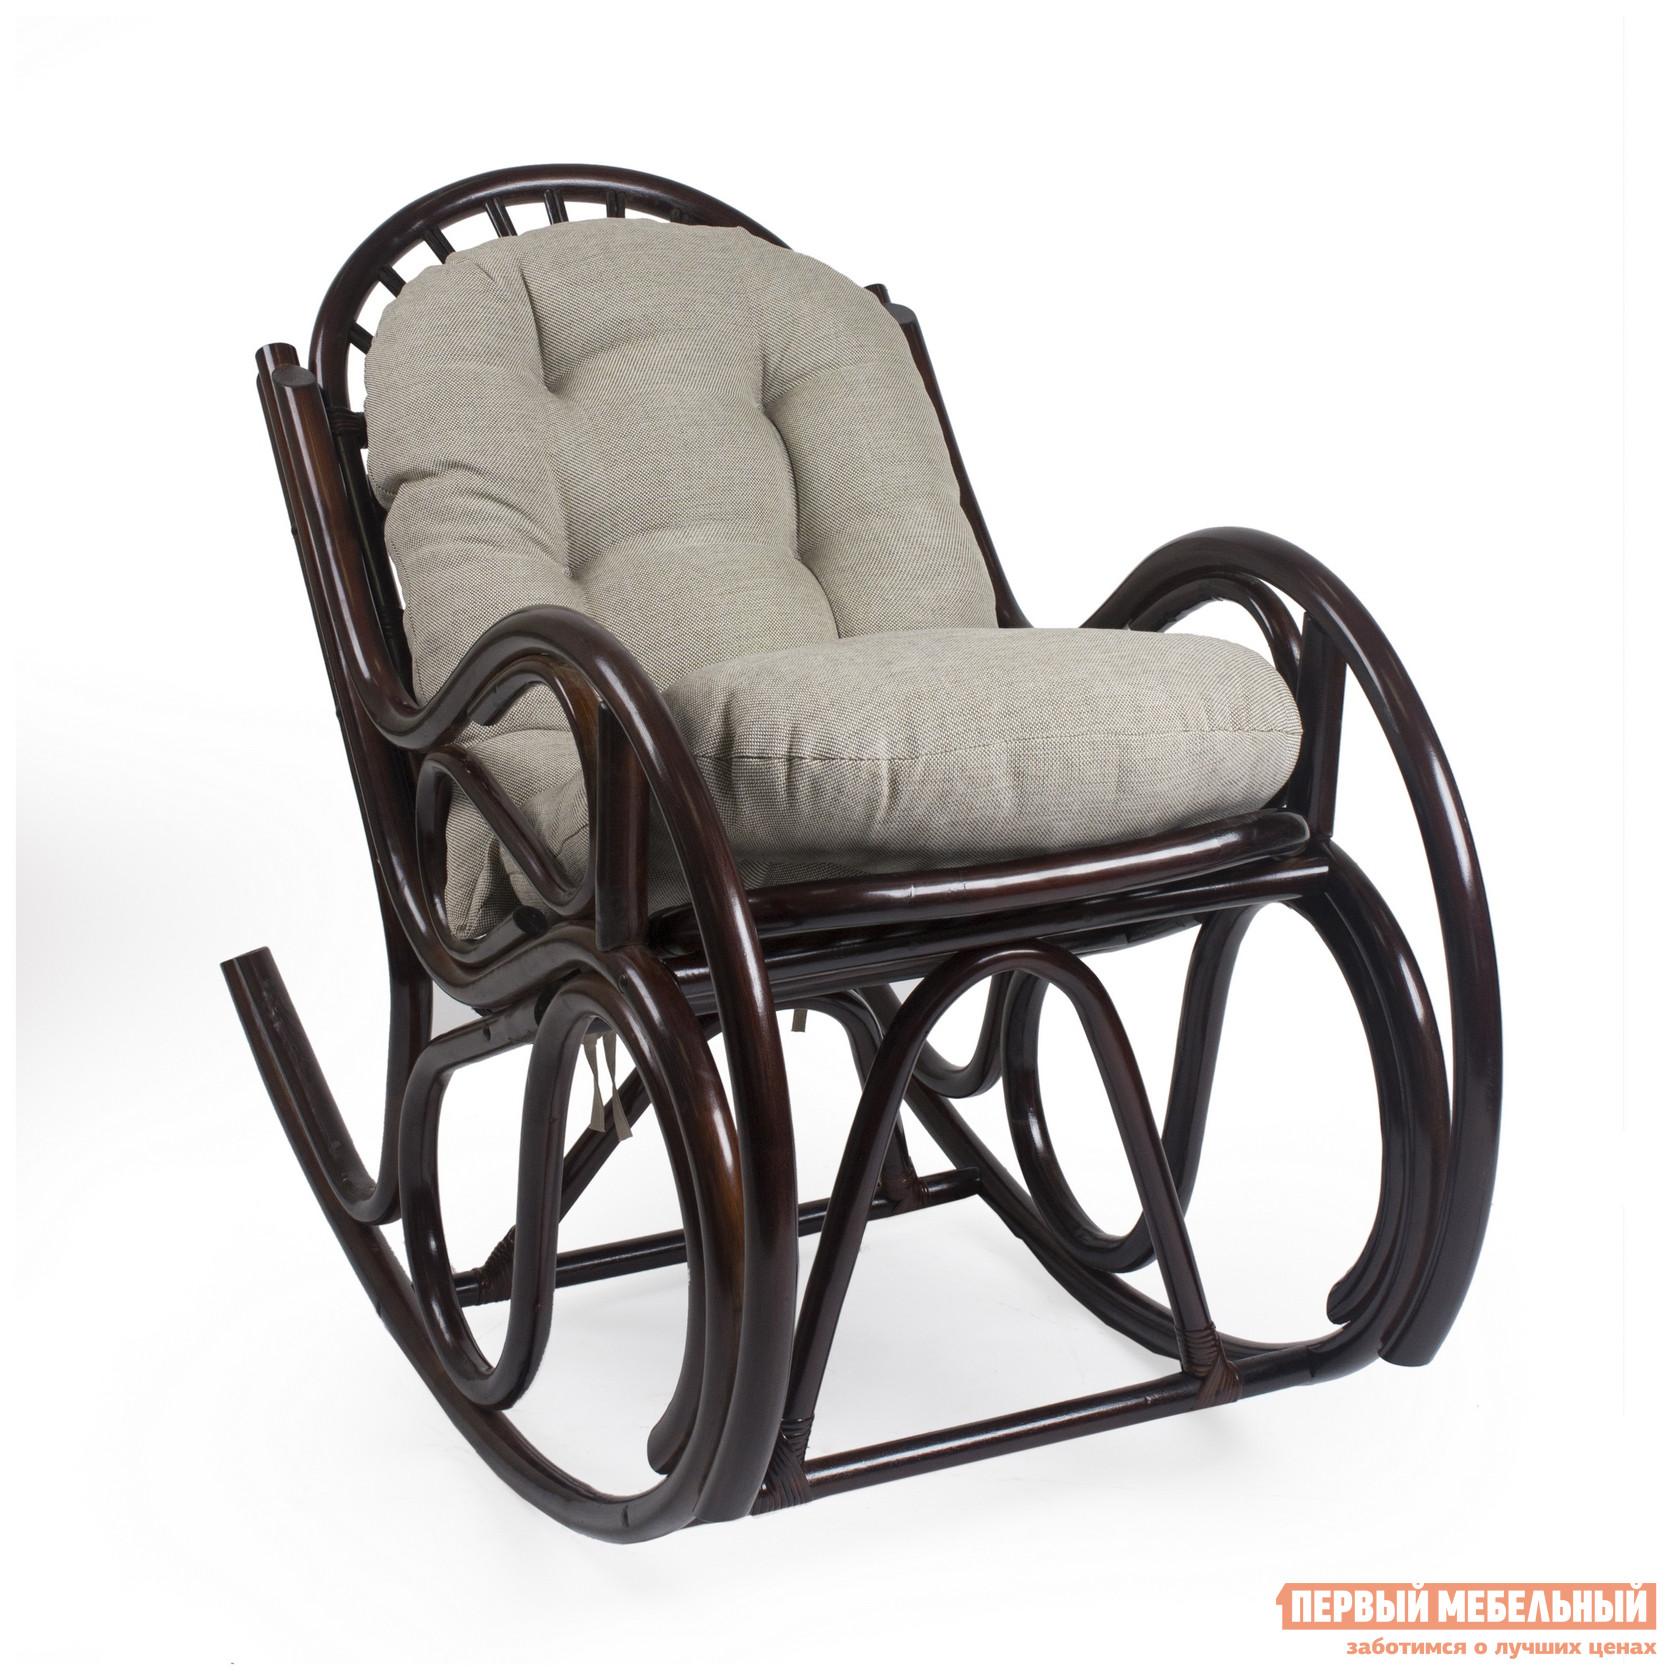 Кресло-качалка Мебель Импэкс Кресло-качалка Bella с подушкой кресло качалка мебель импэкс kara мёд с подушкой